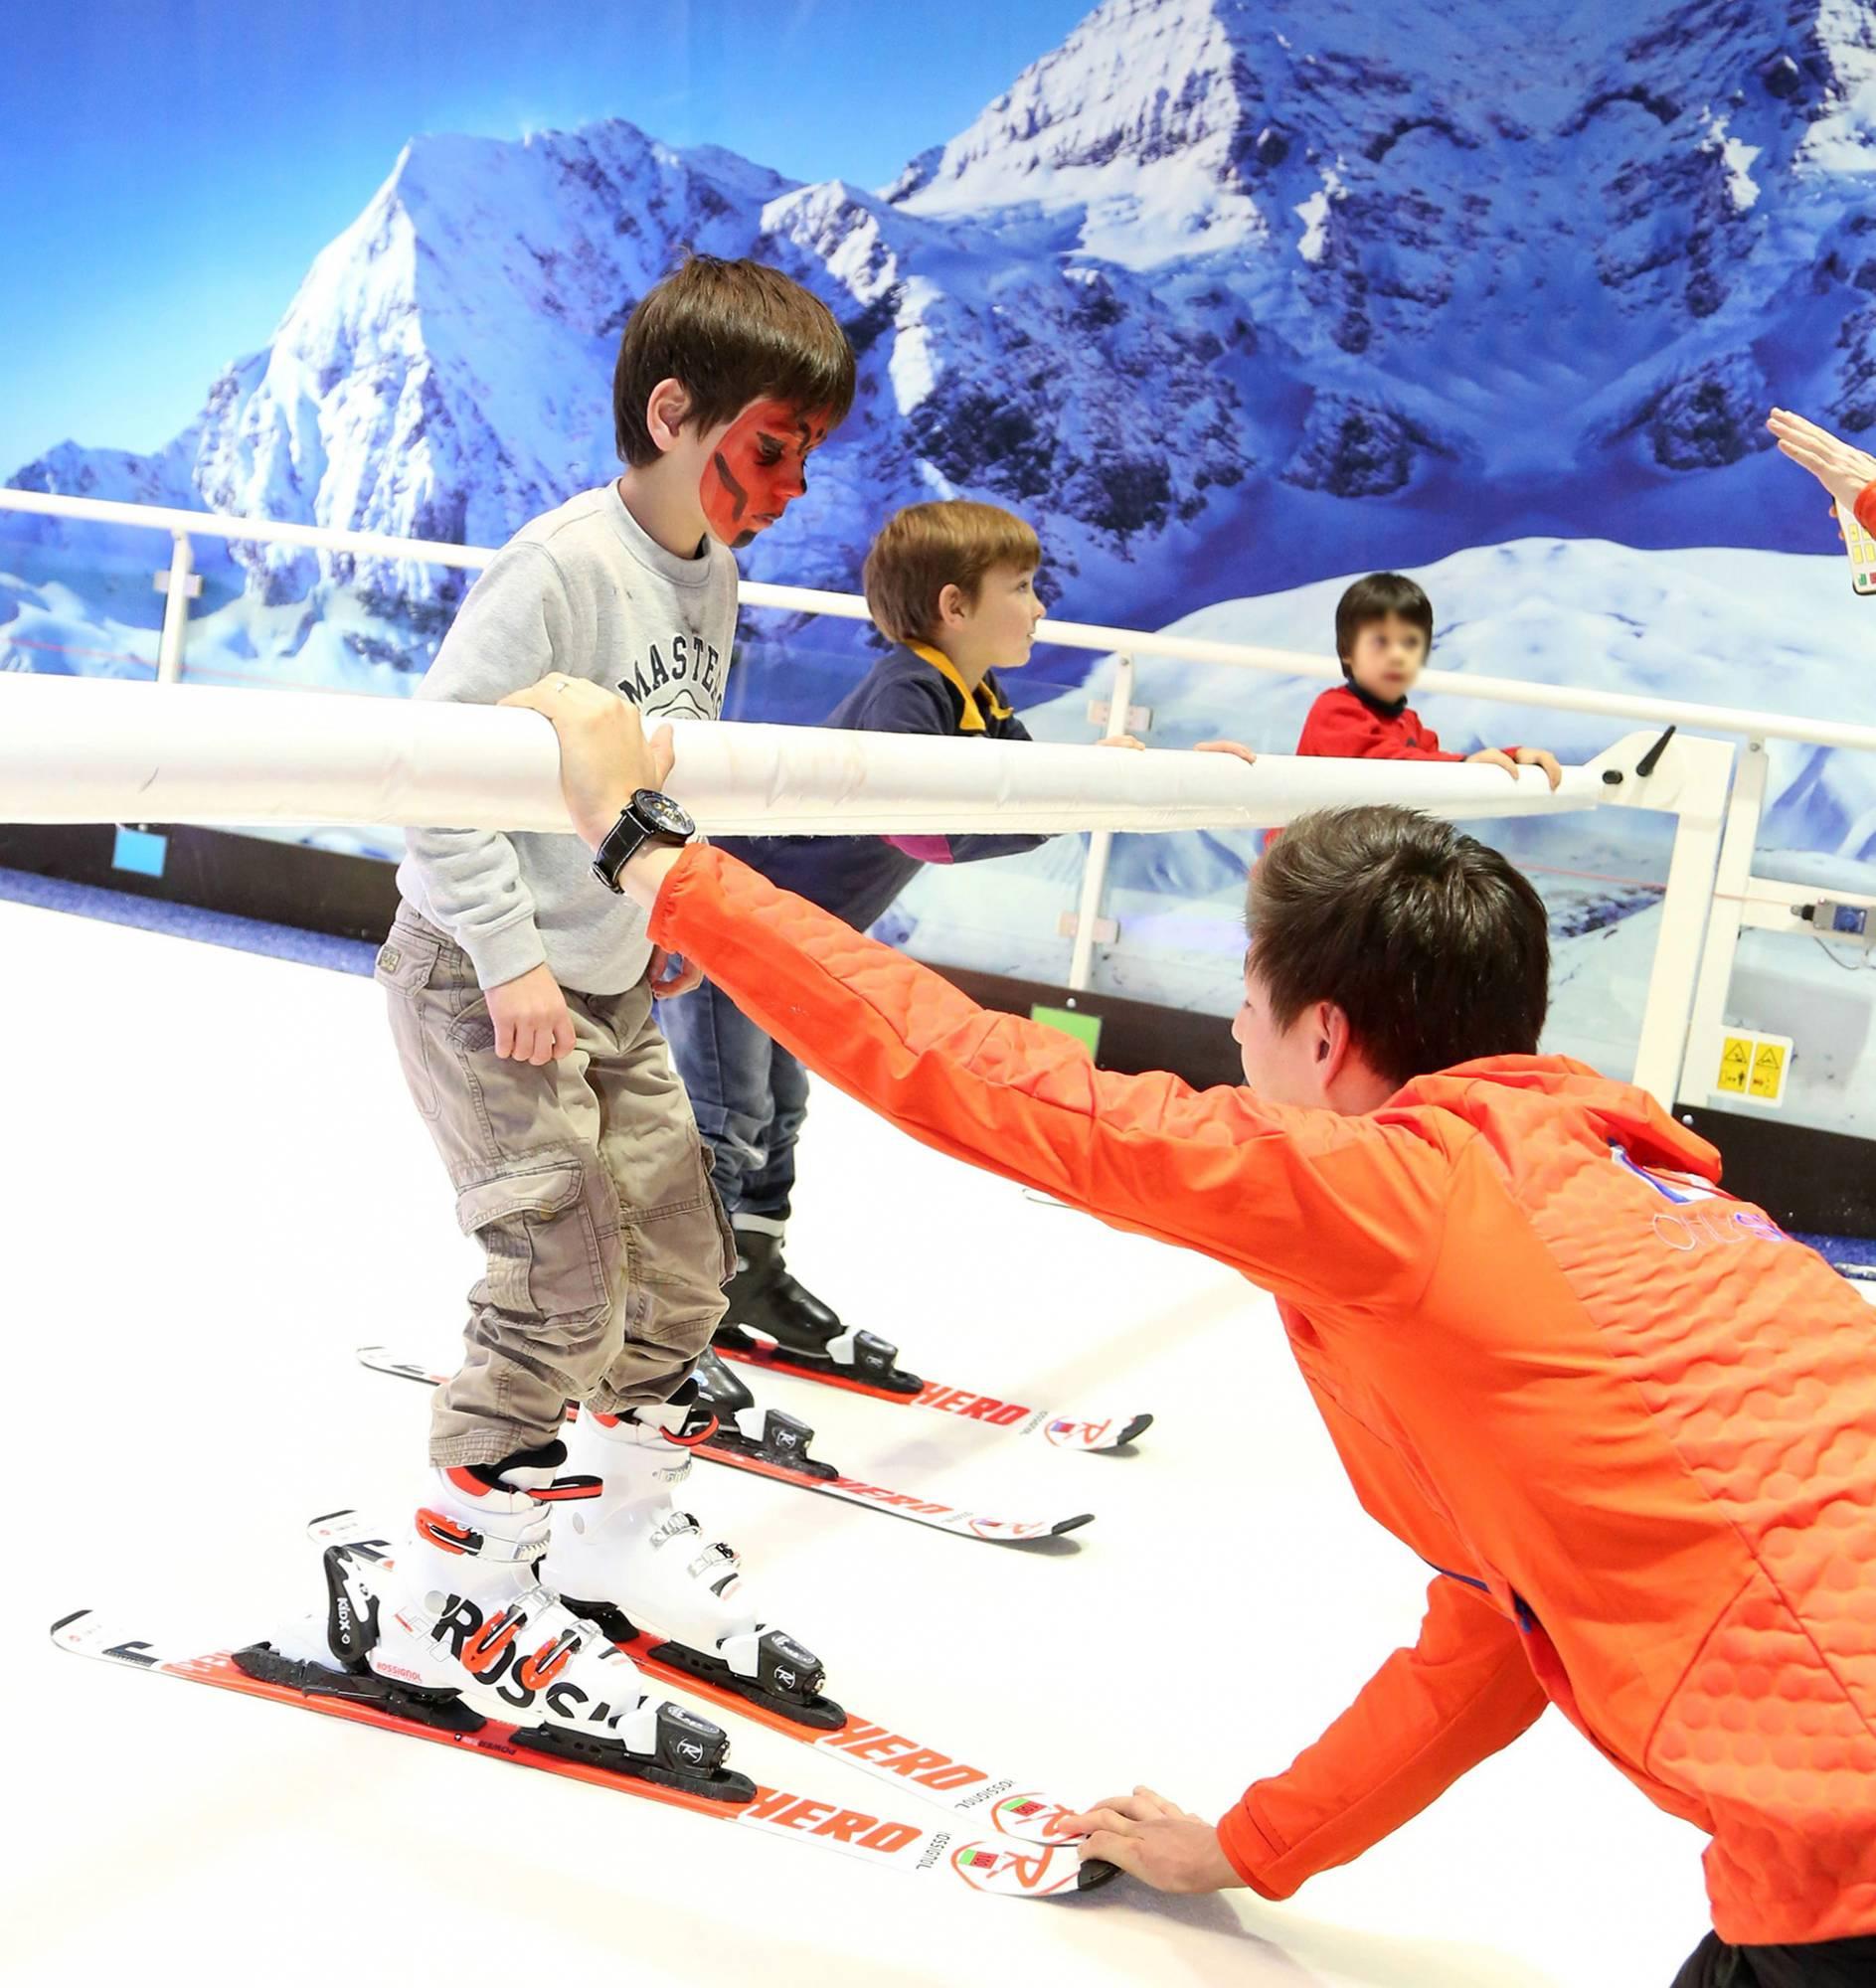 école de ski pour enfants à côté de lyon